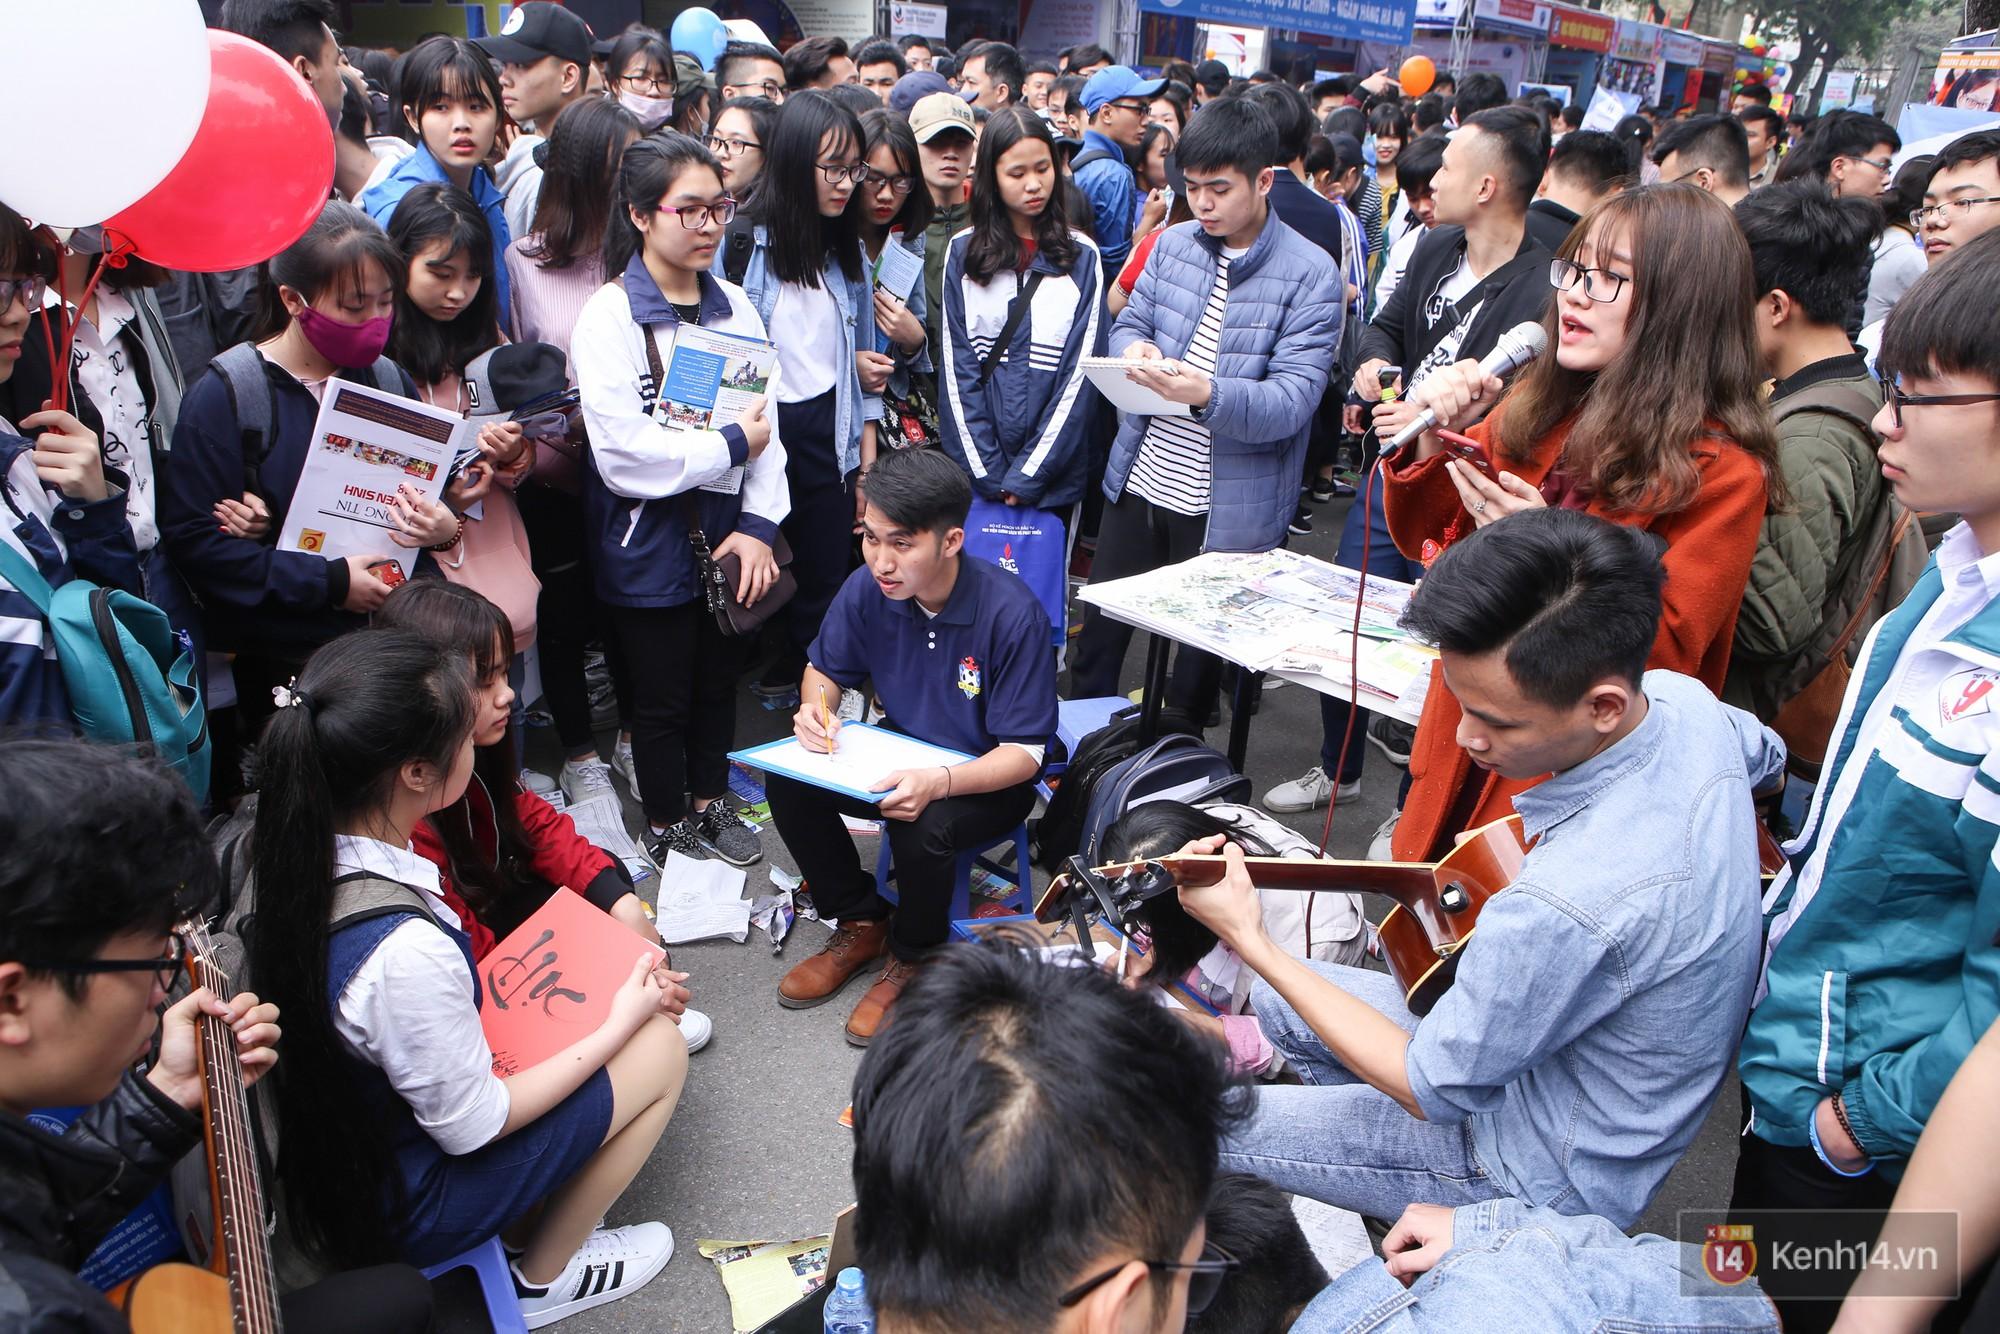 Hơn 10.000 học sinh được tư vấn, giải đáp thắc mắc các vấn đề hot nhất của kỳ thi THPT quốc gia 2018 - Ảnh 15.